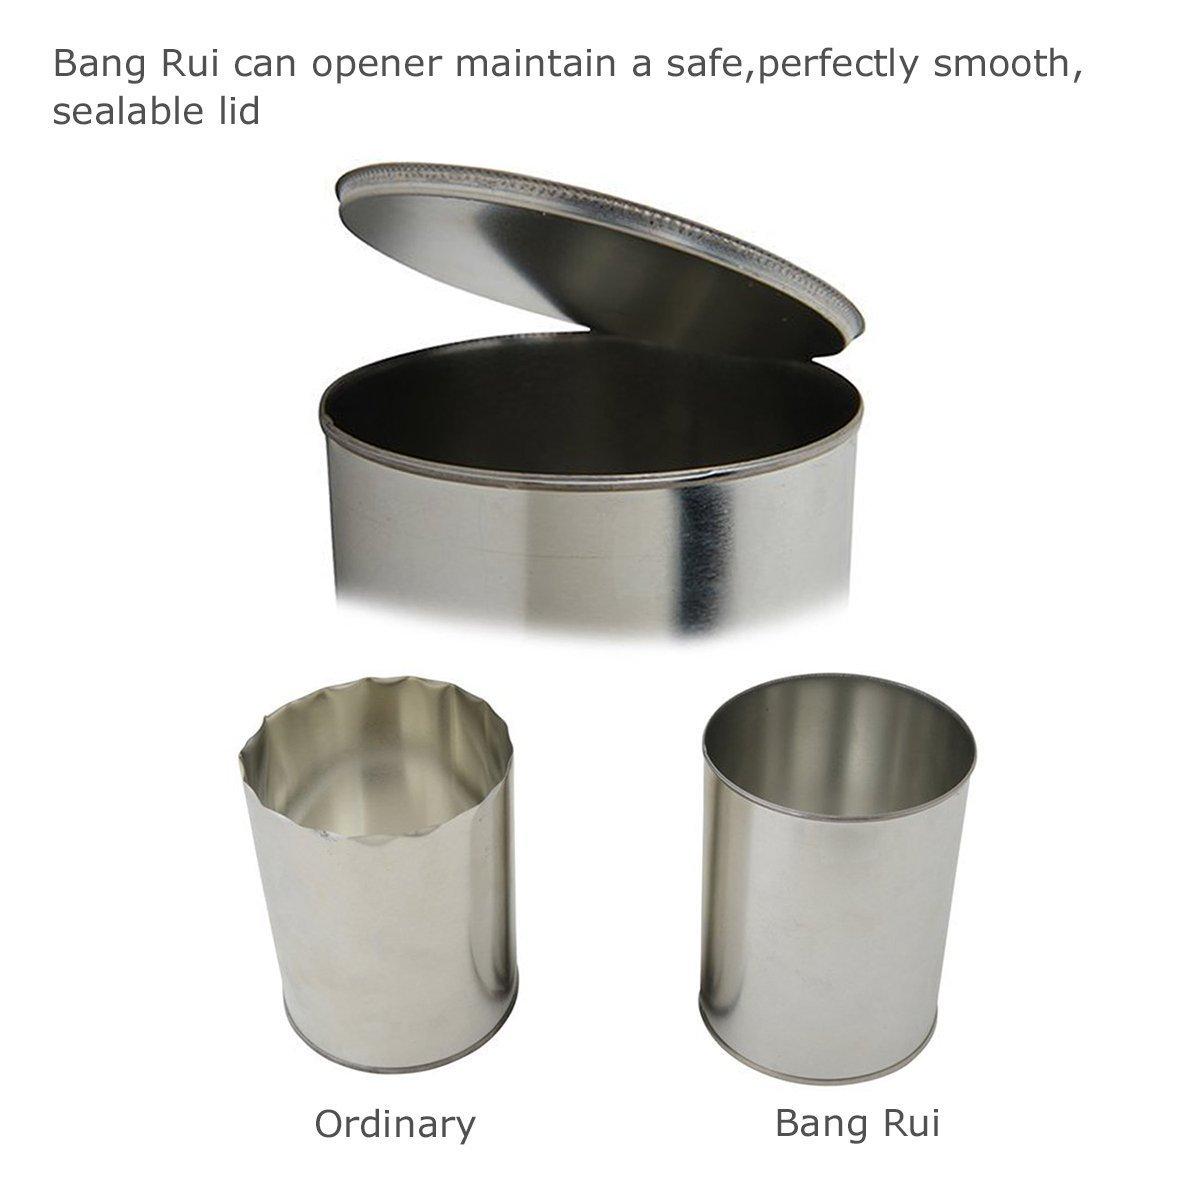 Interruttore one-touch la scelta migliore per chef. Apriscatole BangRui elettrico Apriscatole per cucina del ristorante Bordo pulito e liscio Verde